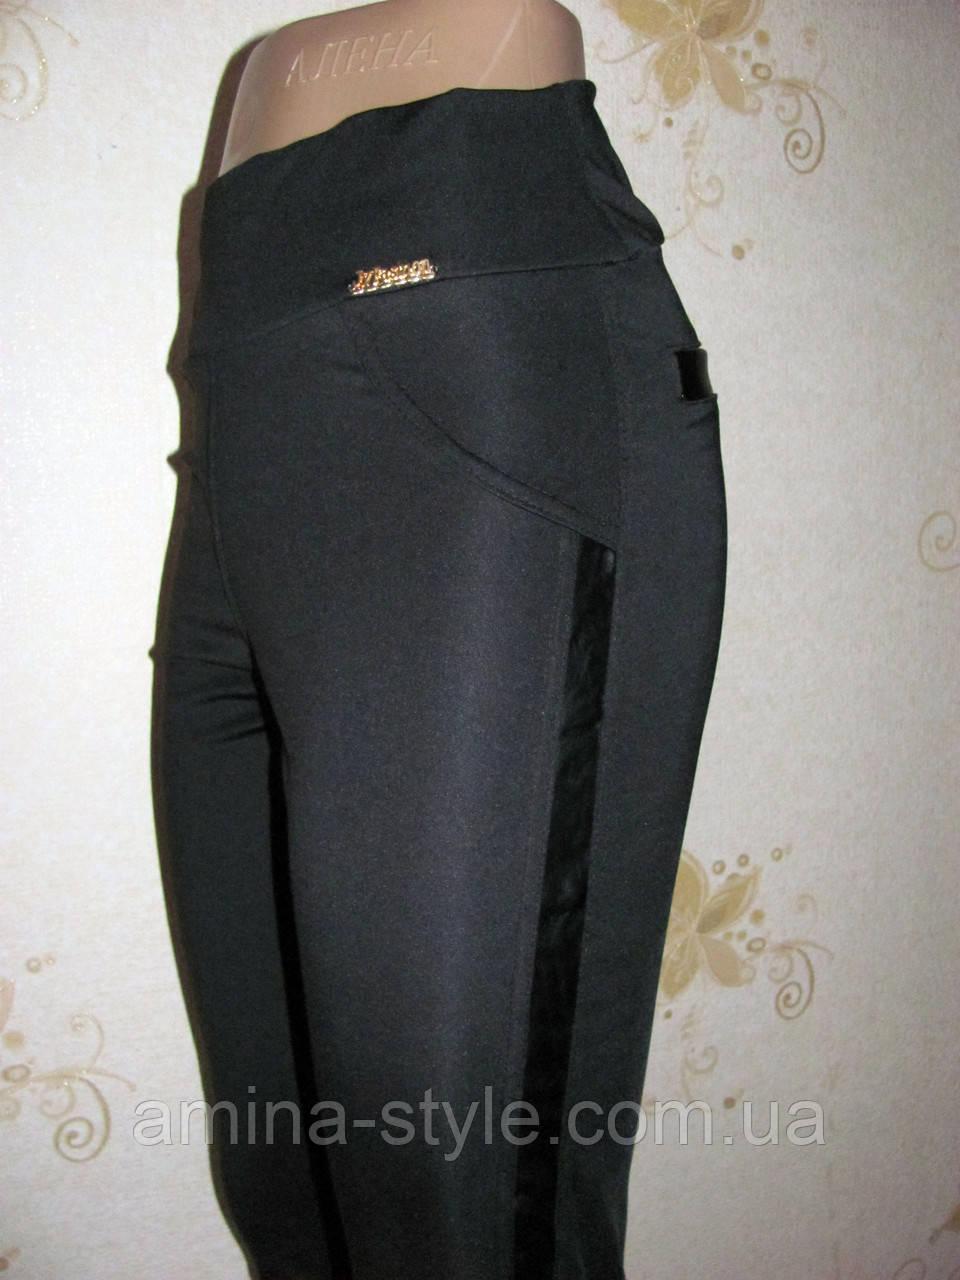 Леггинсы БАТАЛИ кожаные вставки в наличии XL,  3XL